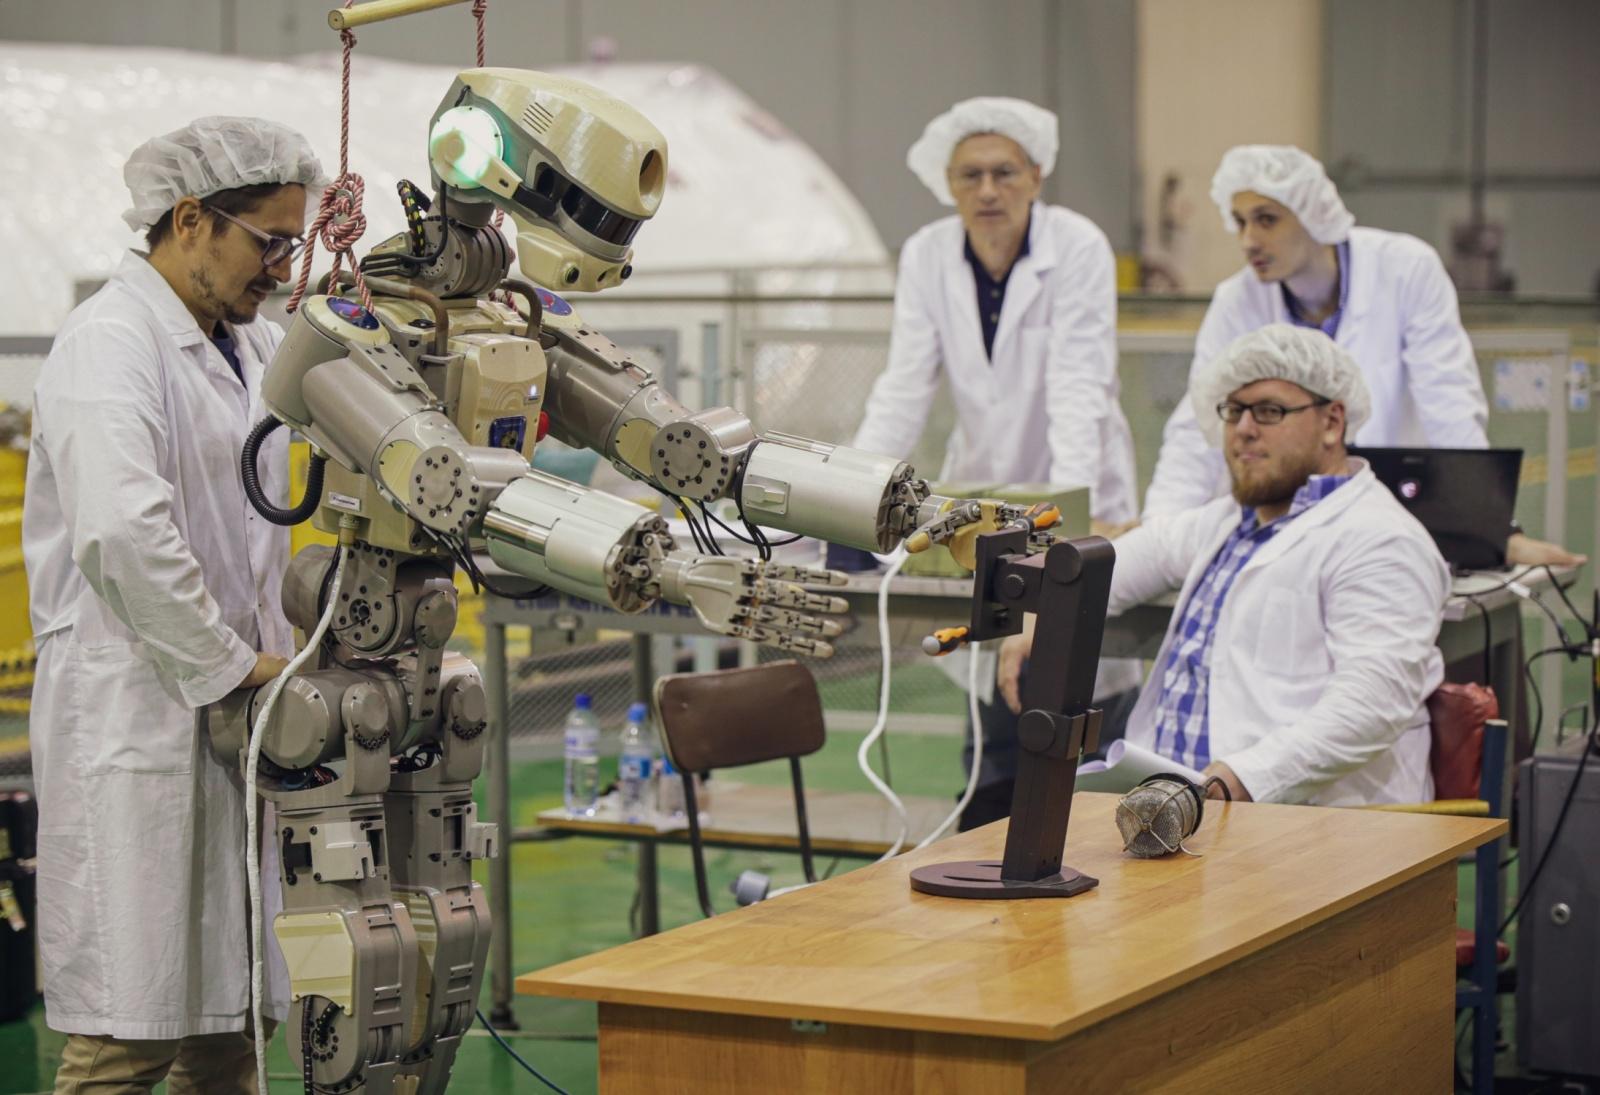 Робот FEDOR — много фото и даже видео с МКС, подготовка космонавта-оператора и первые испытания робота - 30